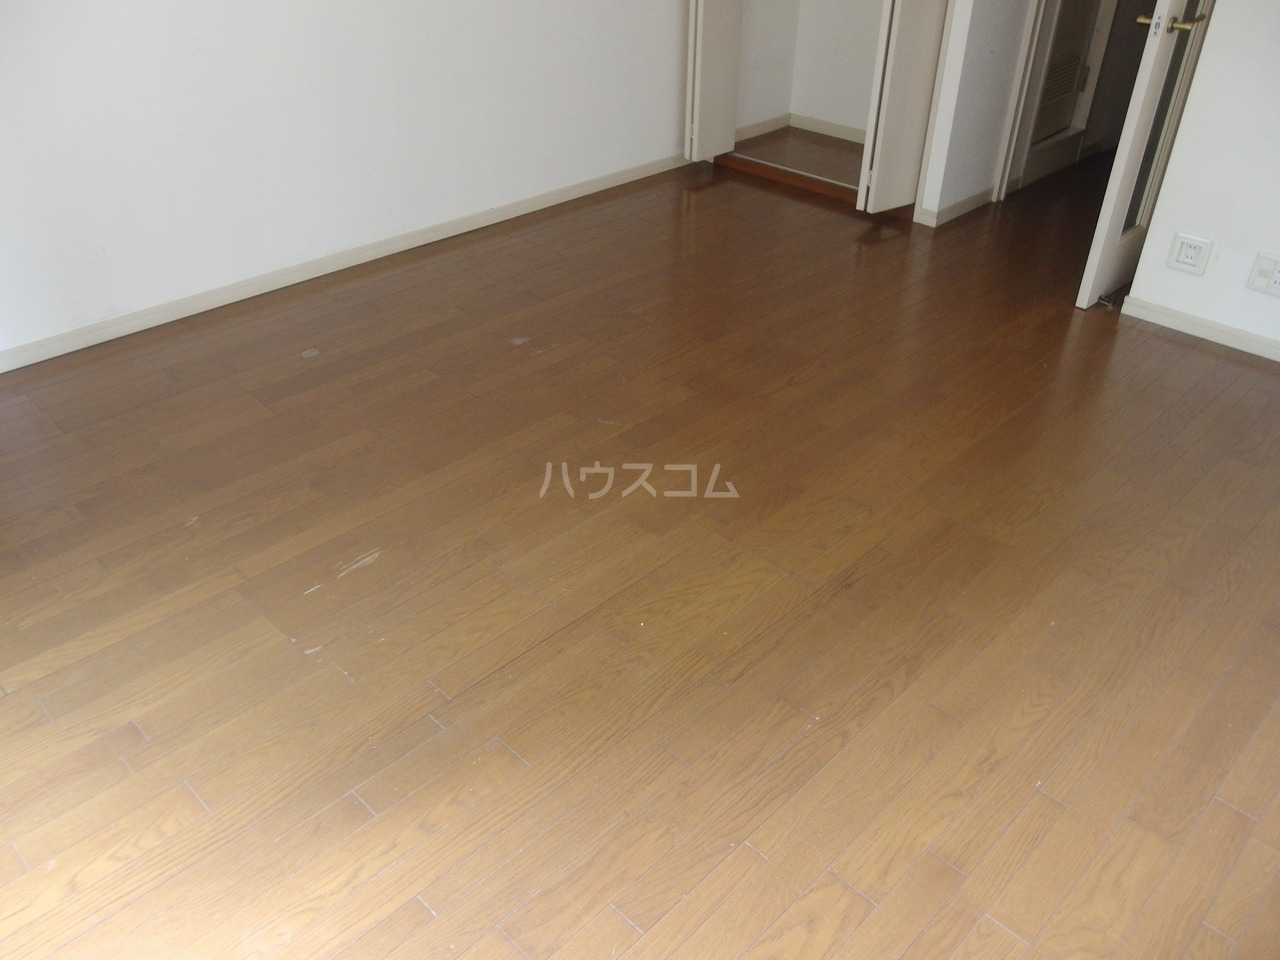 ライオンズシティ聖蹟桜ヶ丘 111号室の居室